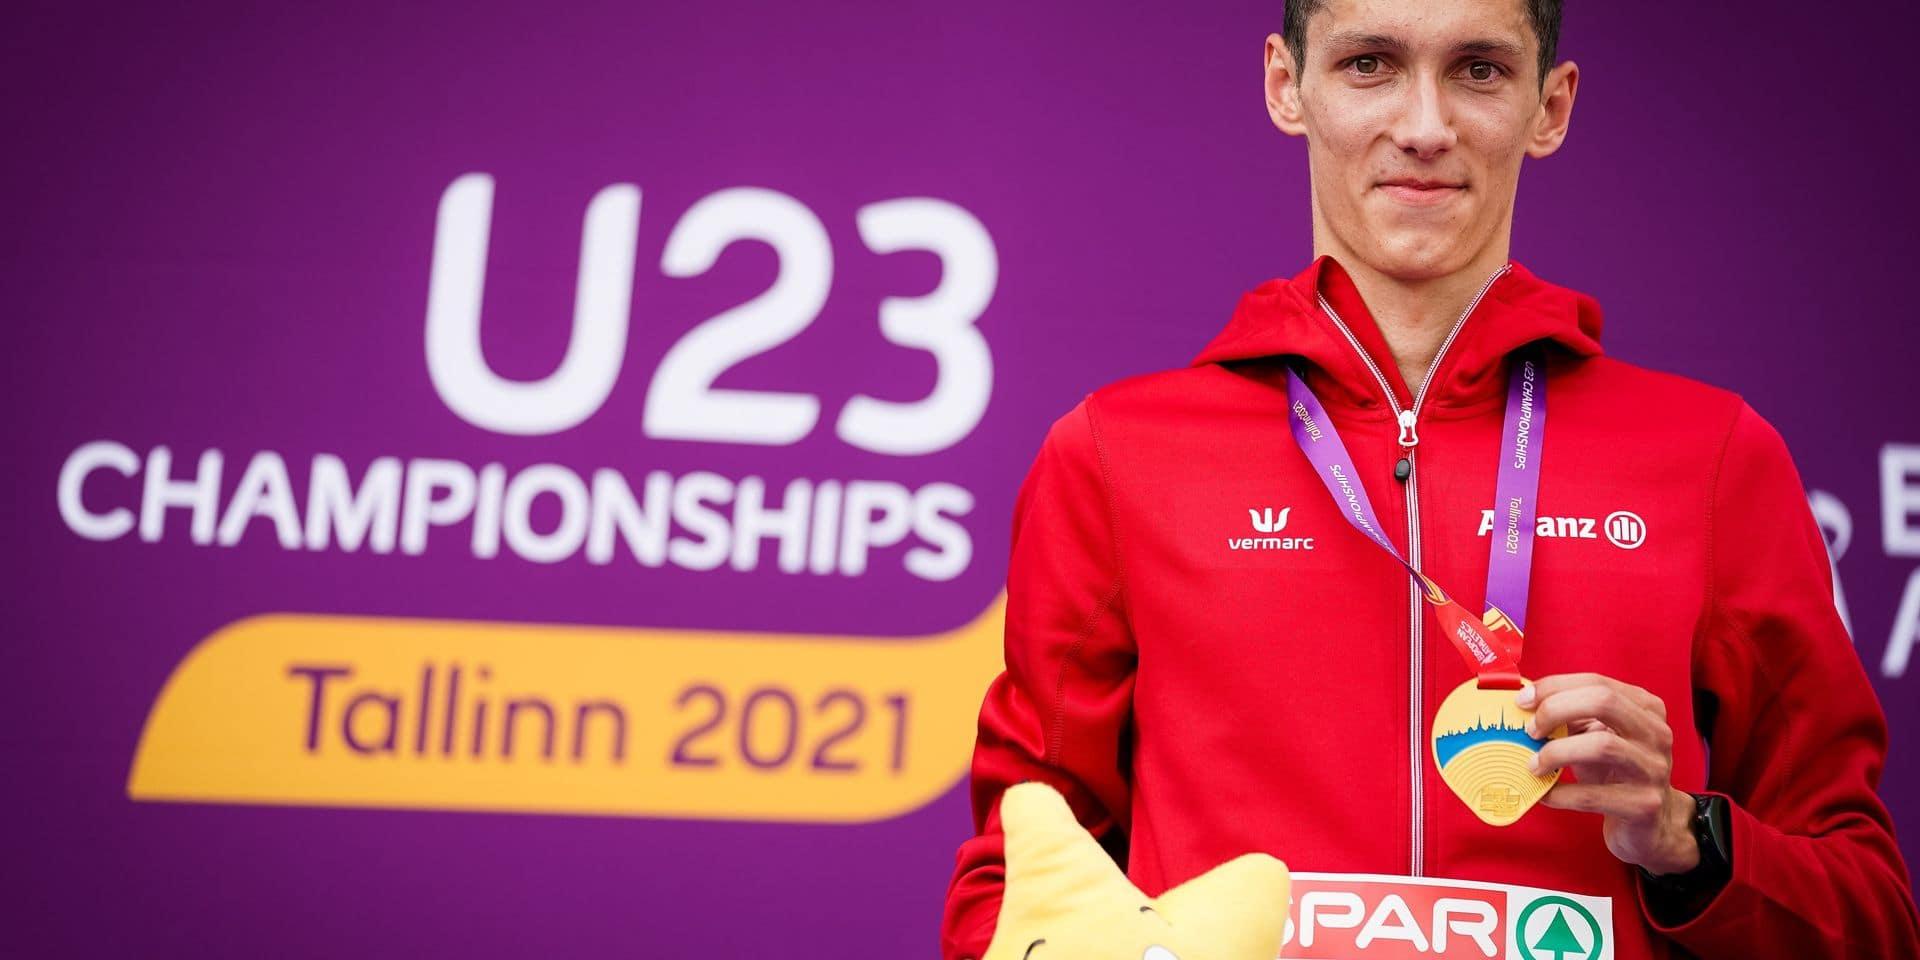 Cinq médailles et beaucoup d'espoirs pour la Belgique aux championnats d'Europe U23